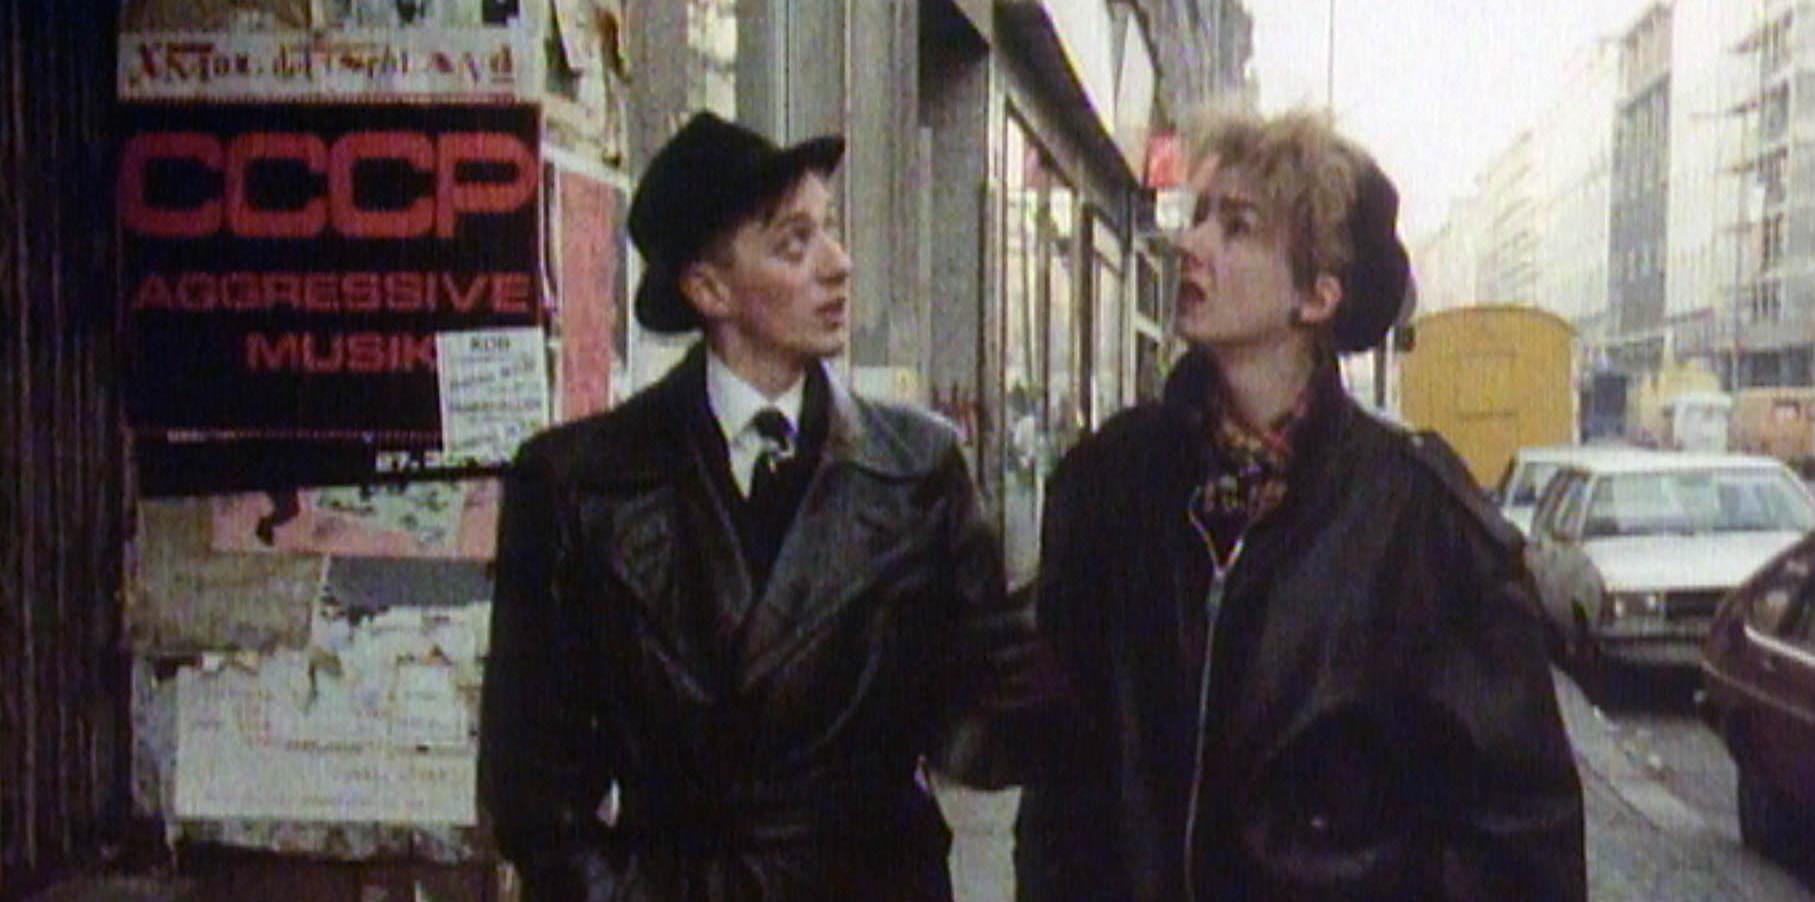 B-Movie: Lust & Sound in West Berlin 1979-1989